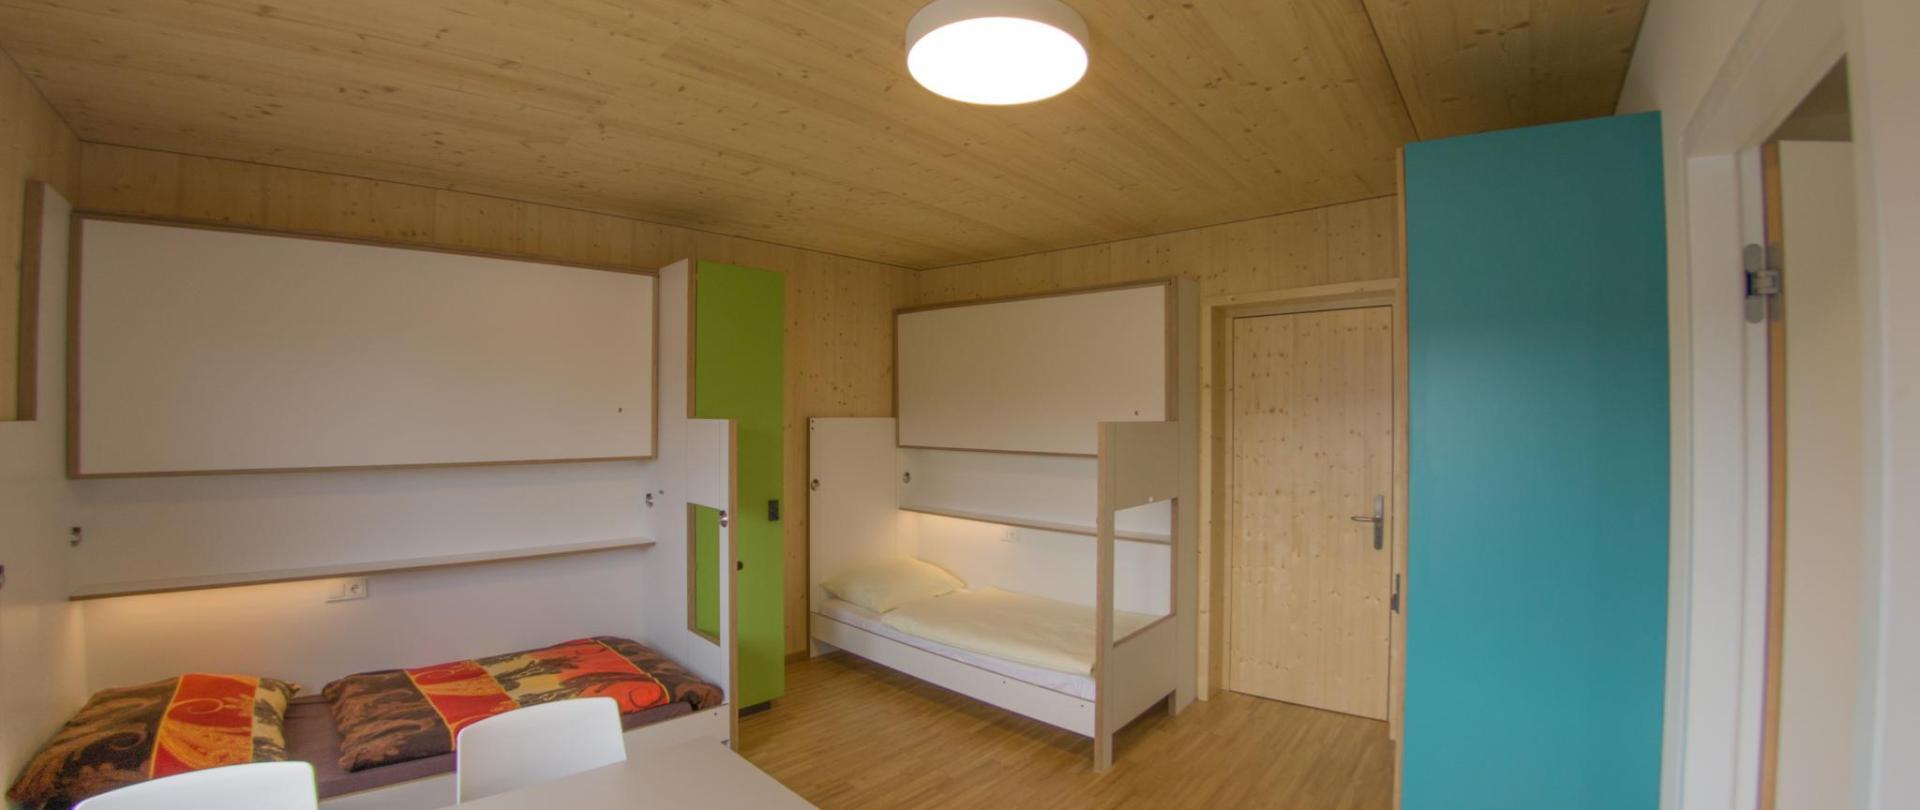 Hostel Salzburg-Wals